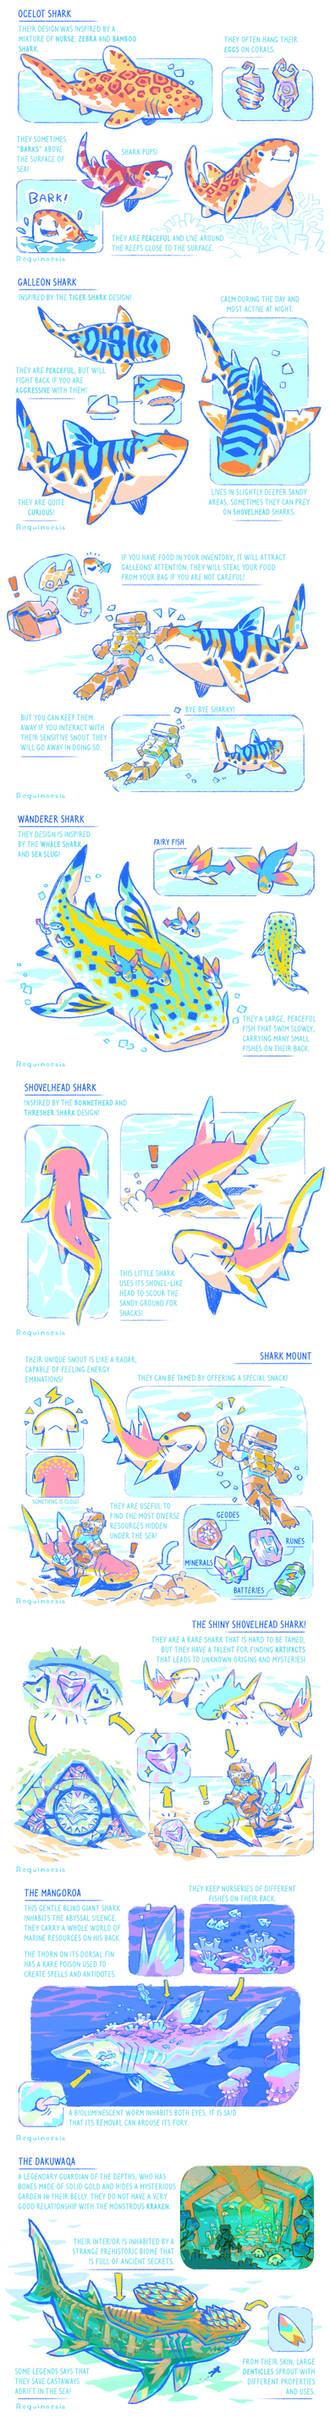 Shark Ideas for Hytale